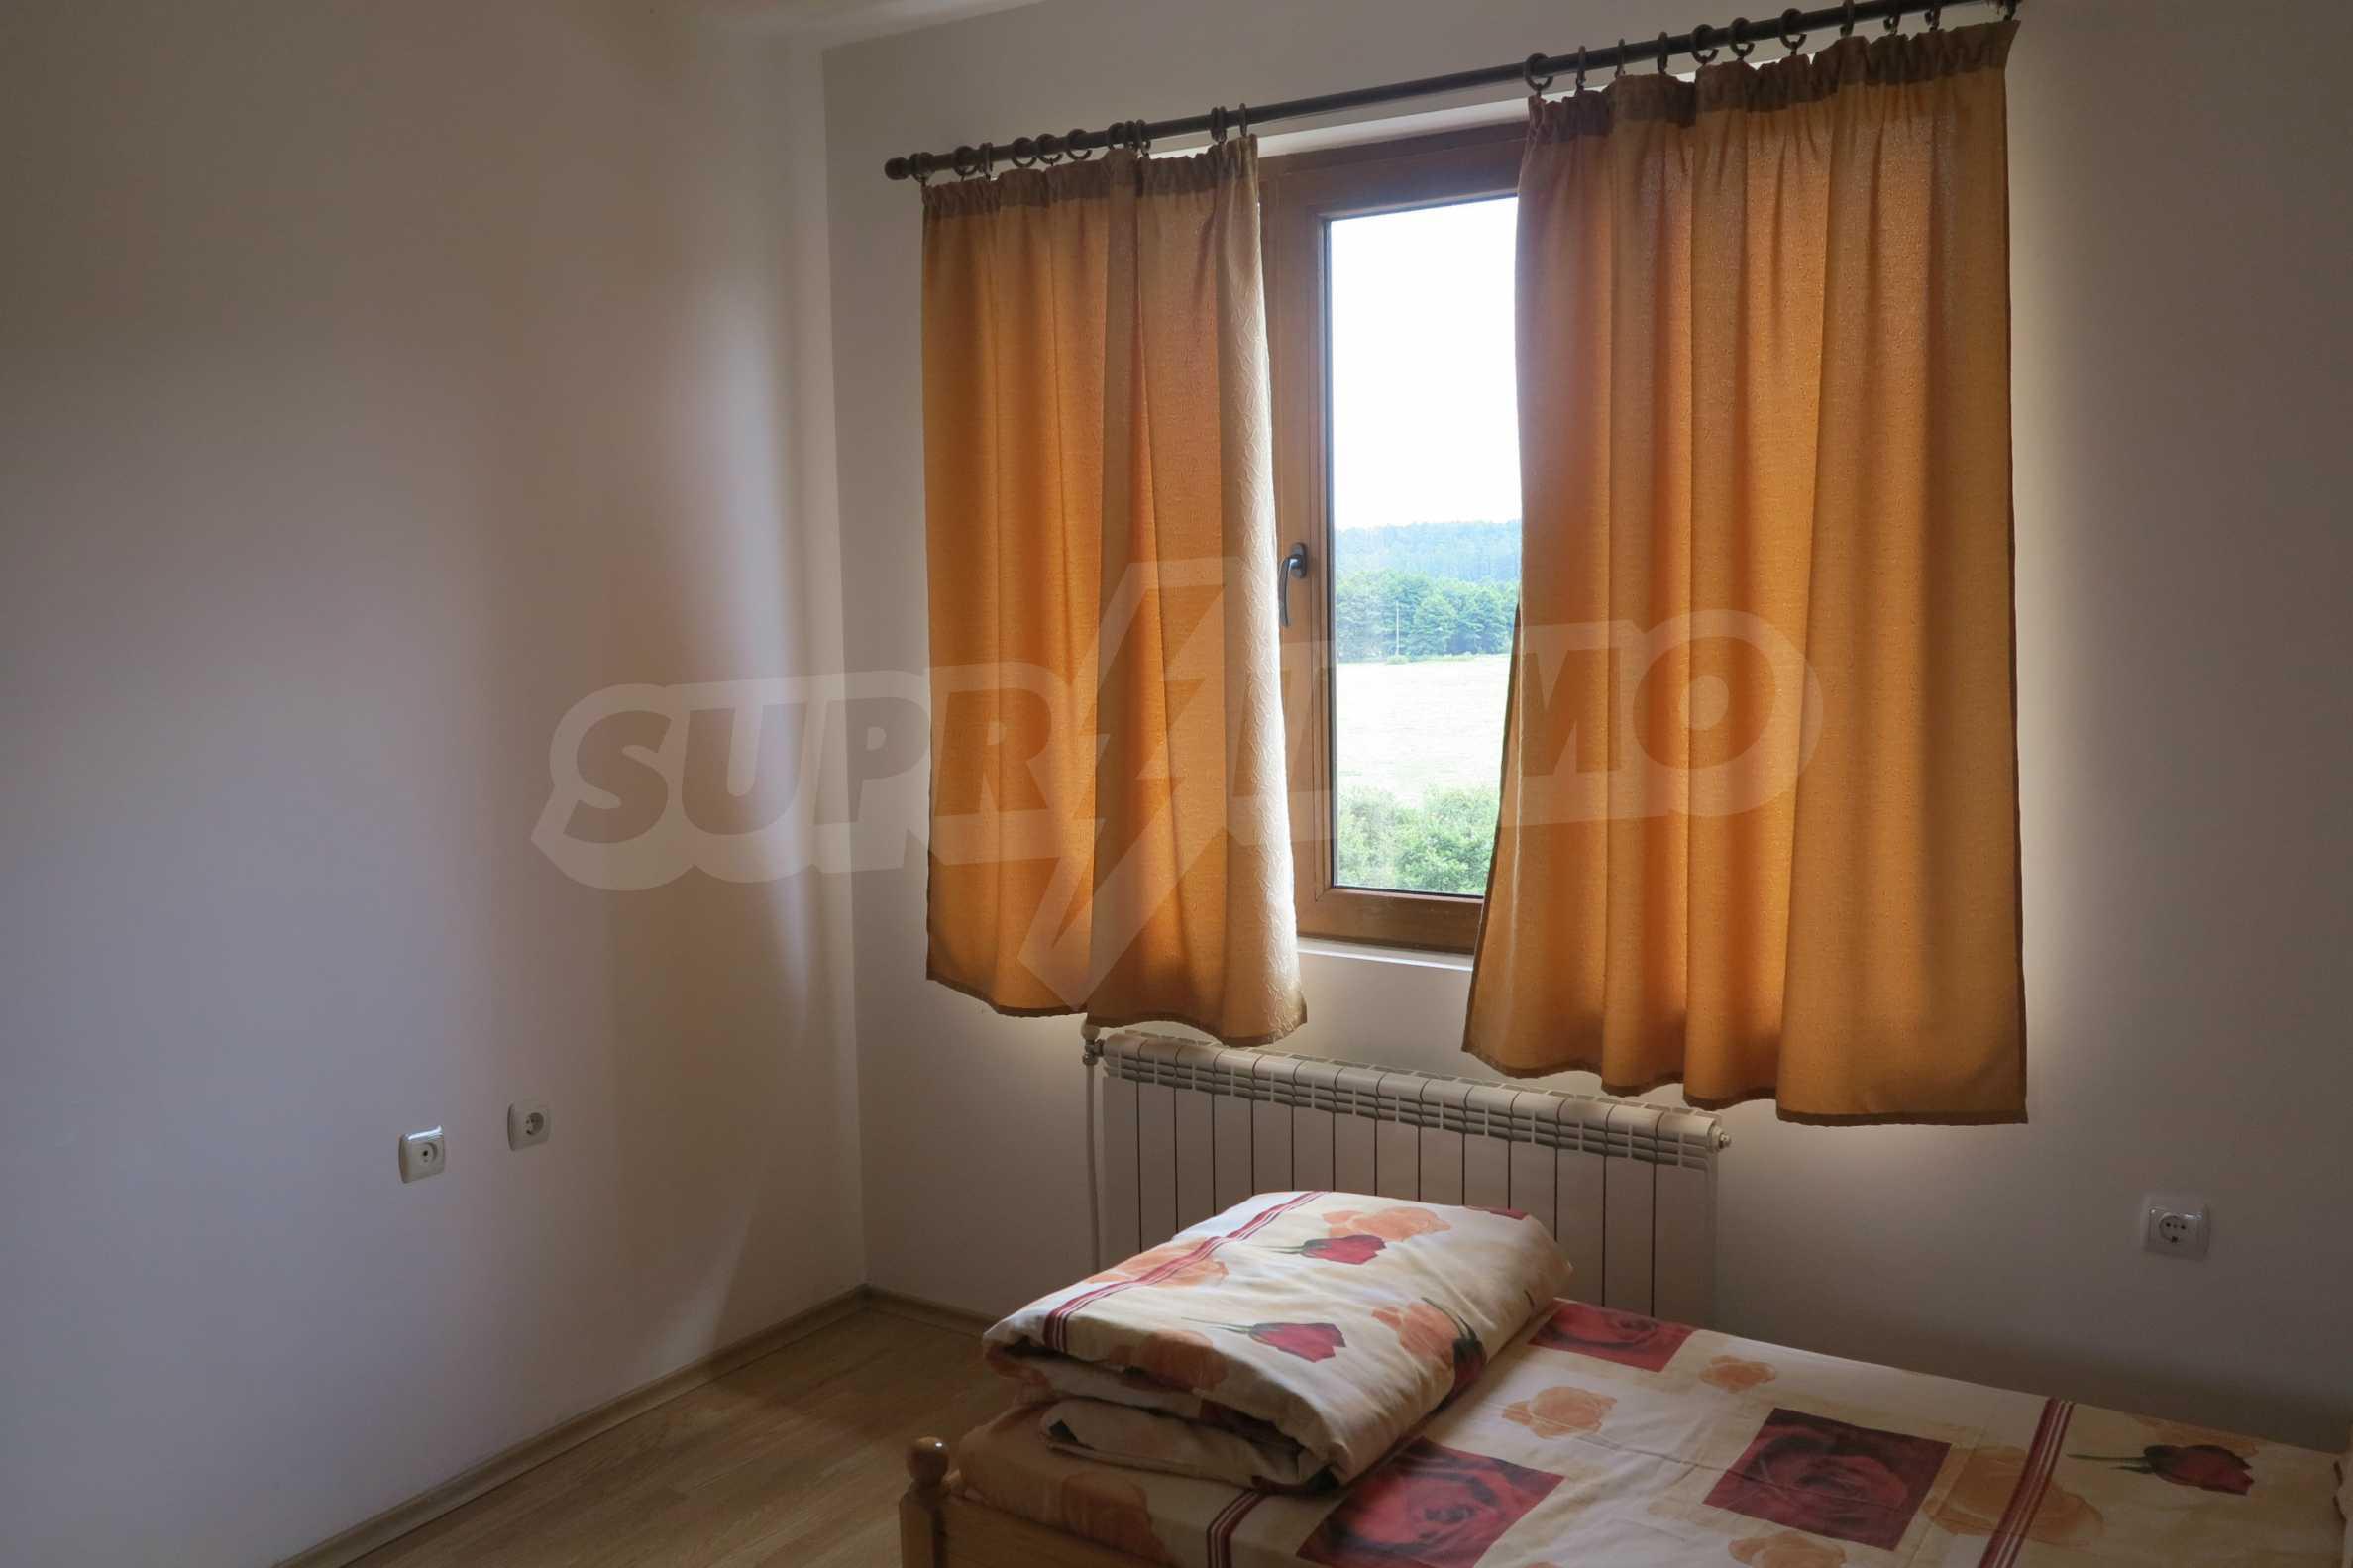 Двуетажна планинска къща с двор и лесен достъп до София 16